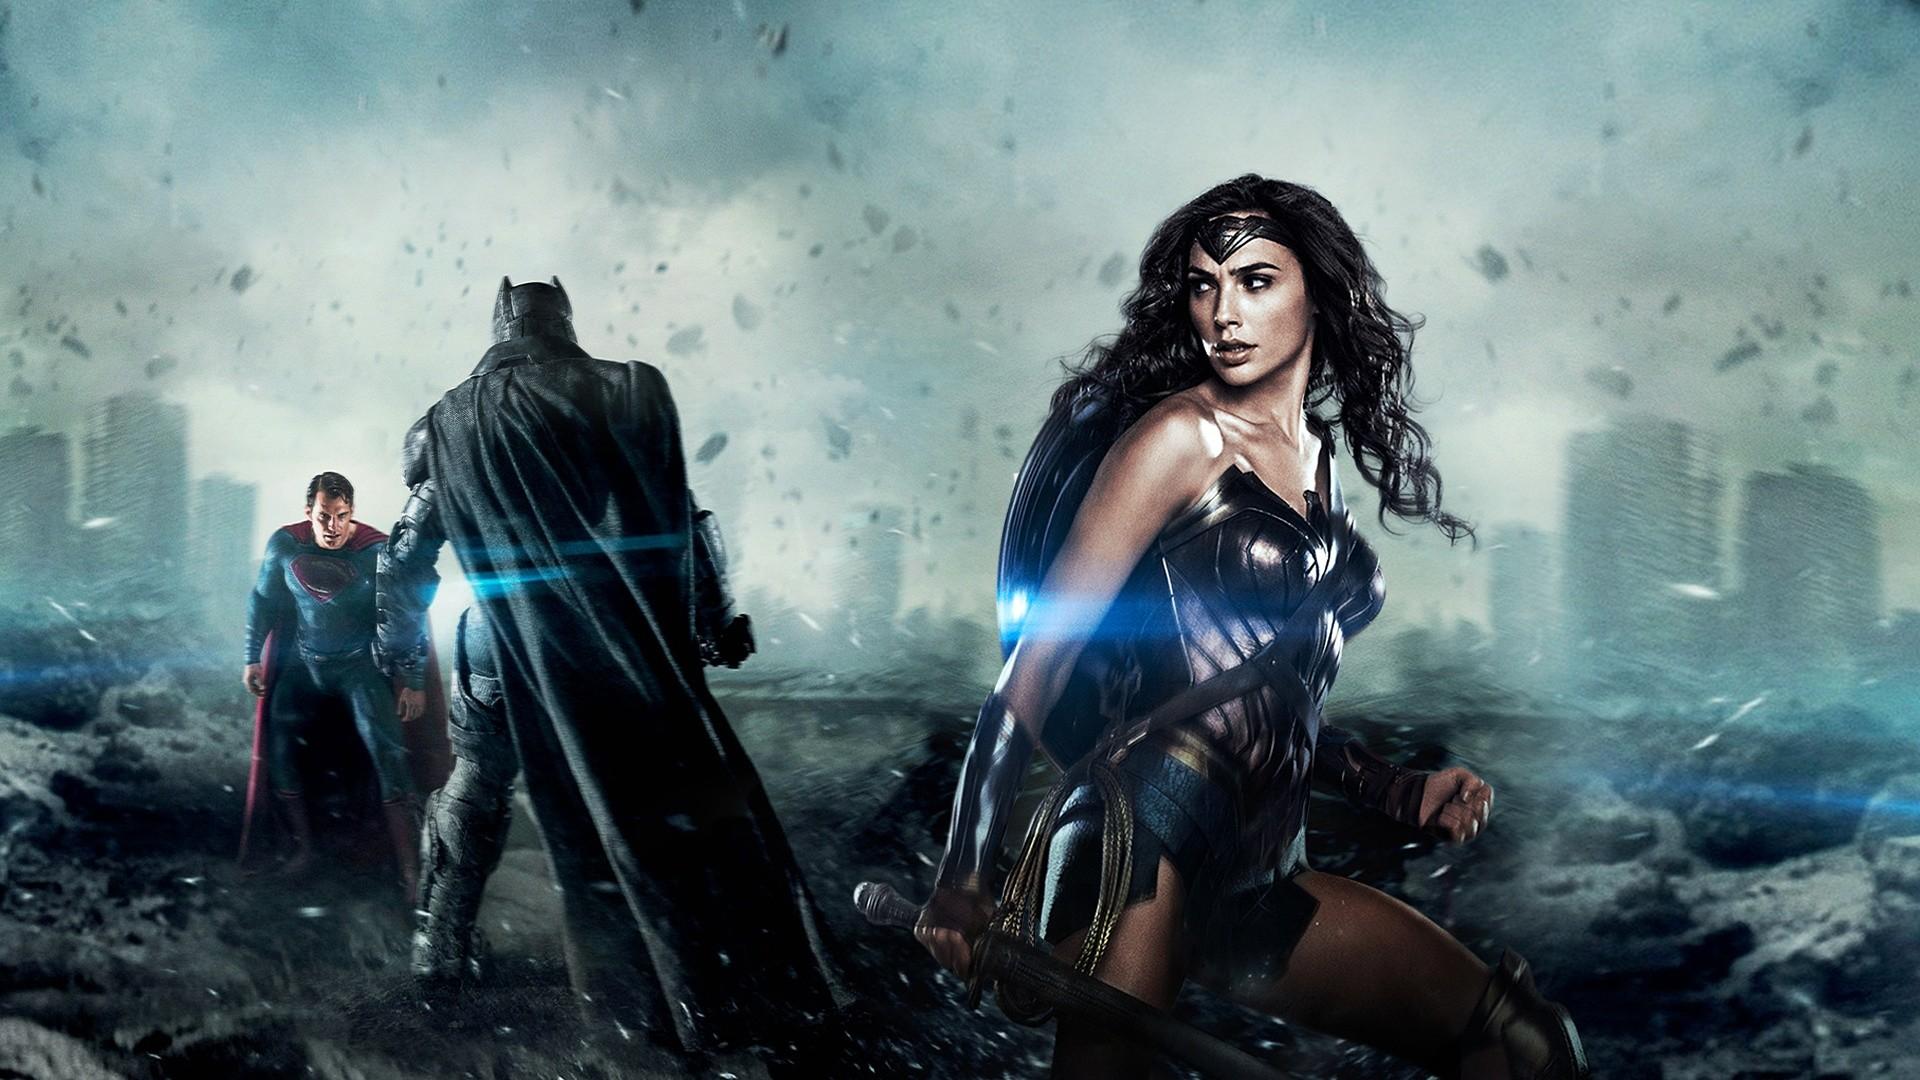 Wonder Wonder Woman Background Movie 1313345 Hd Wallpaper